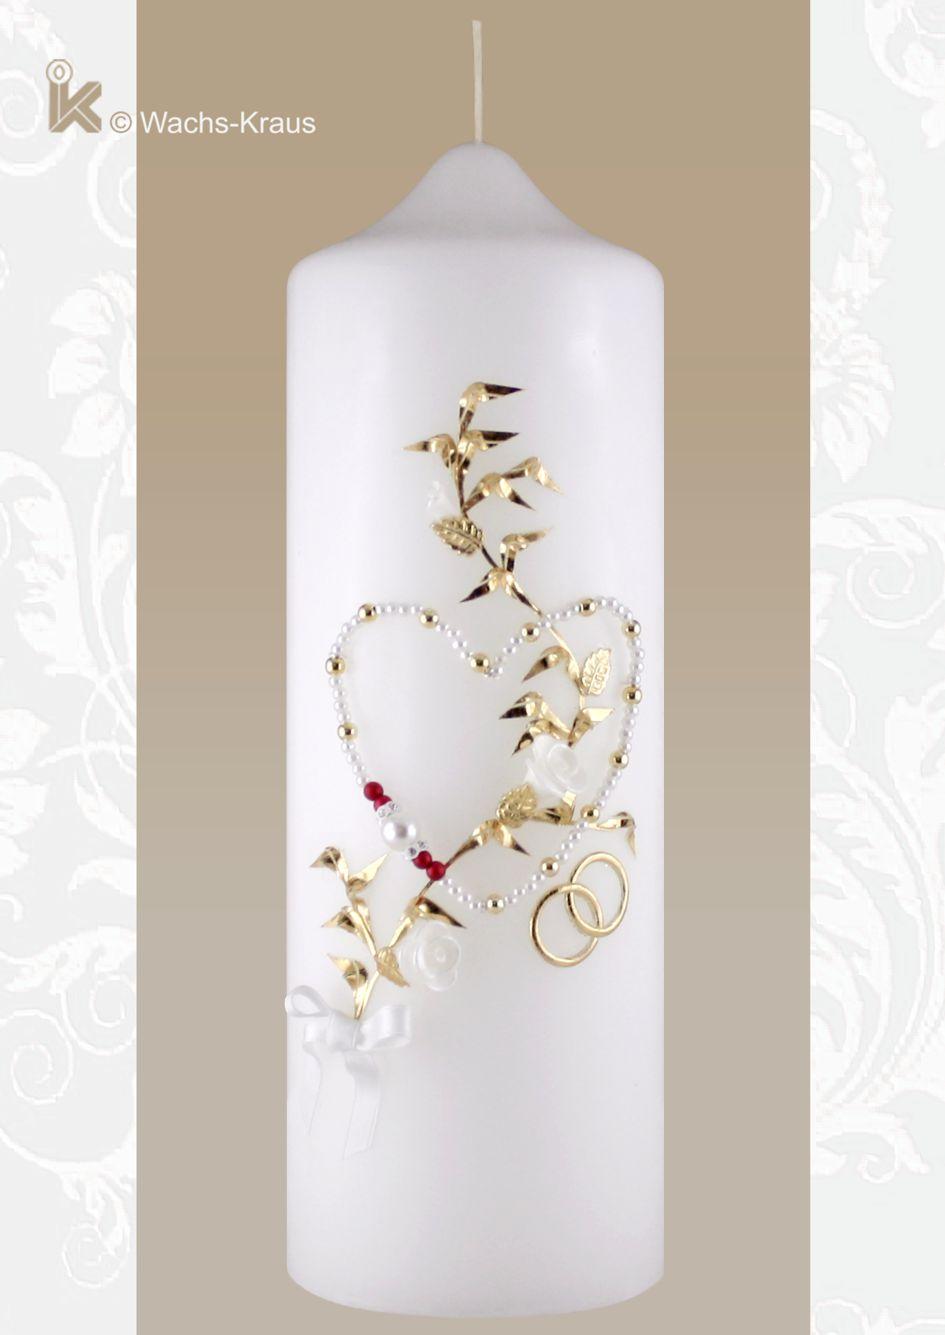 Romantische Hochzeitskerze mit einem aus weißen und roten Perlen gefertigten Herz, einer goldenen Ranke und Ringen.